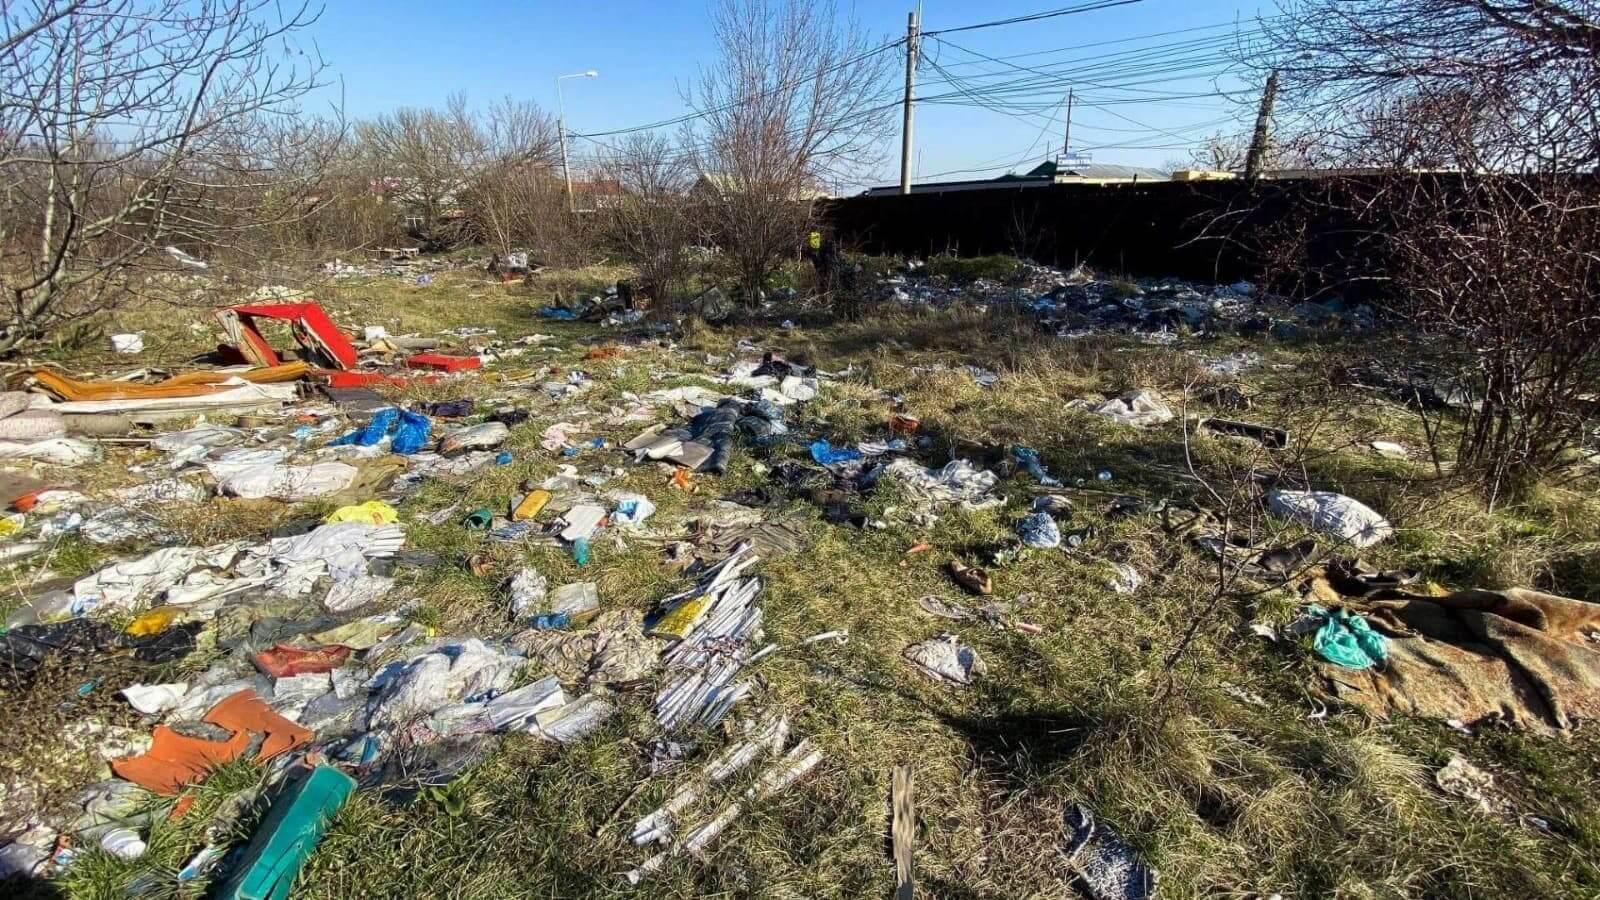 Cetățenii care văd un depozit ilegal de gunoi pot sesiza autoritățile de mediu